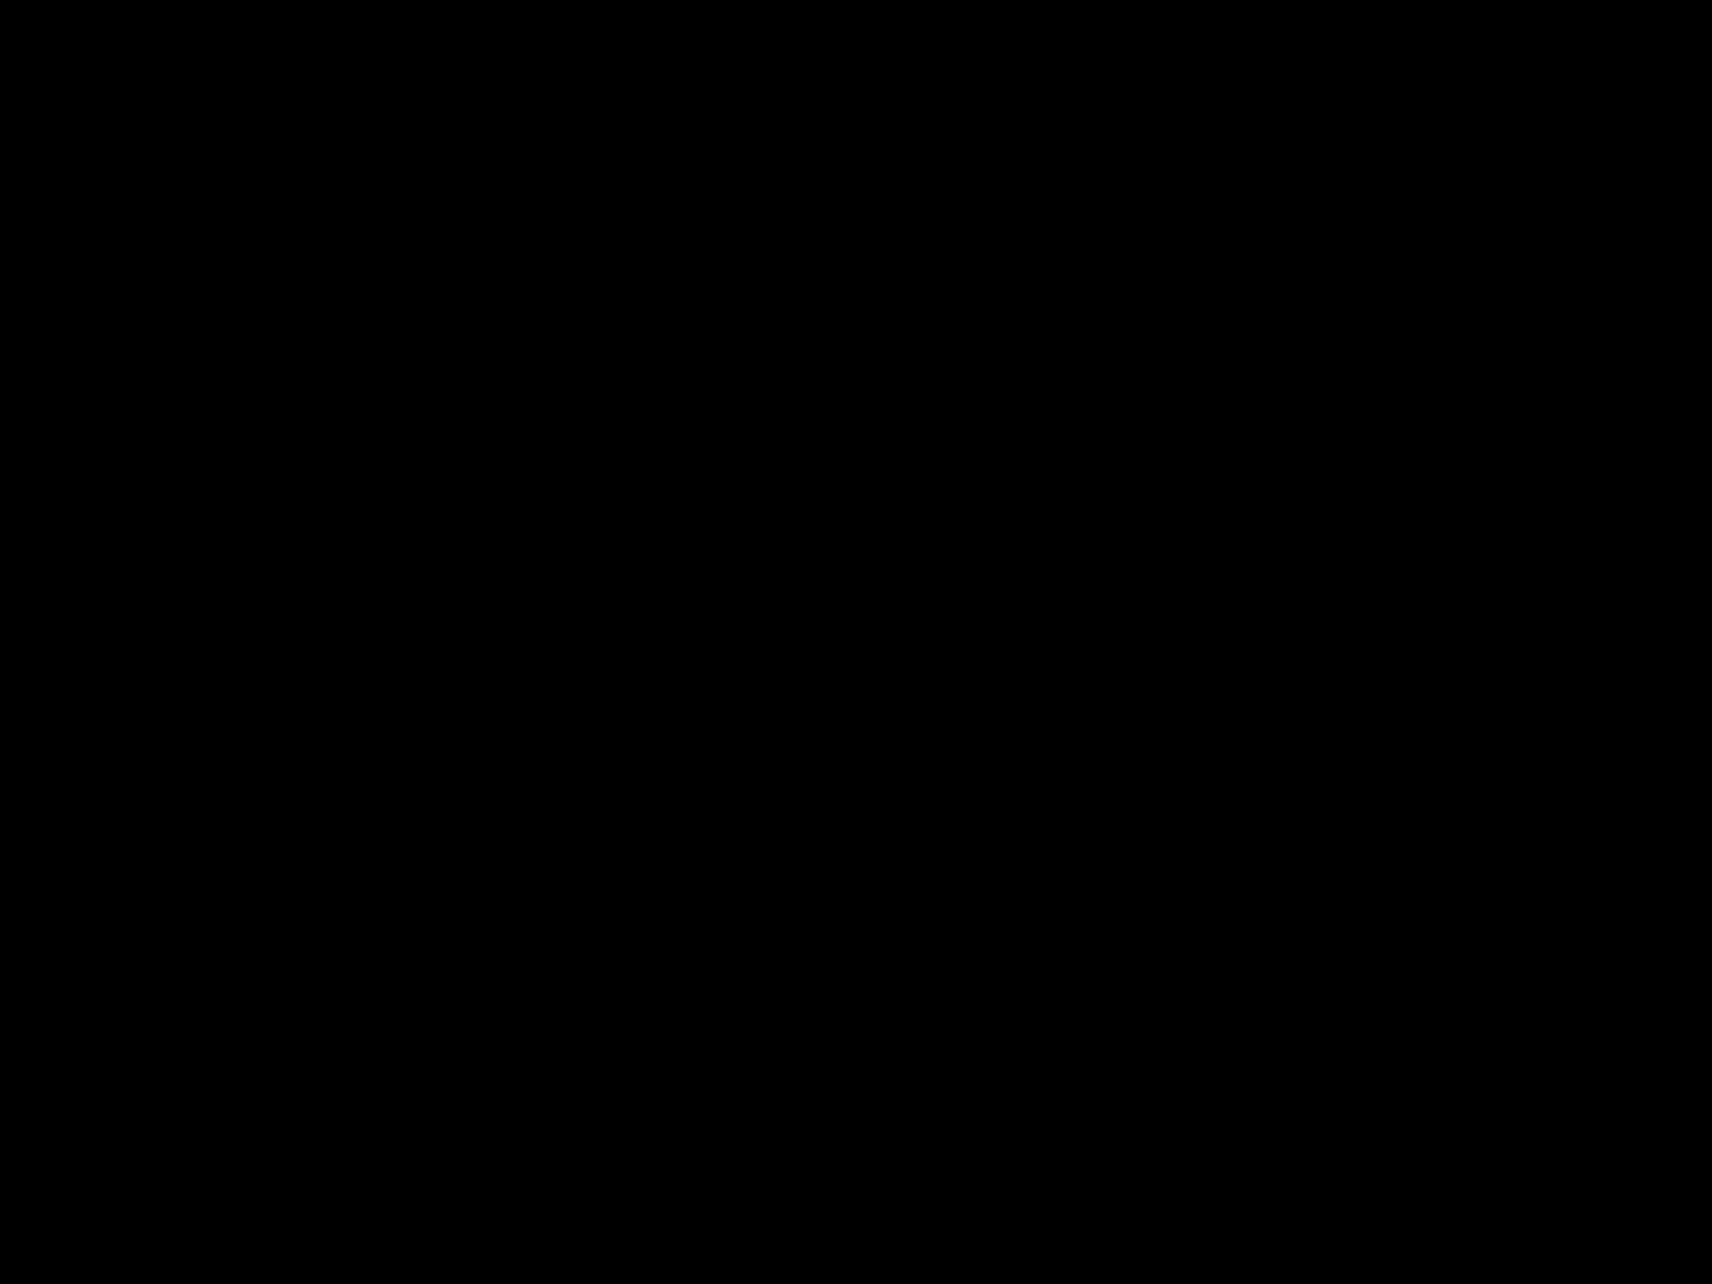 10336_07.jpg